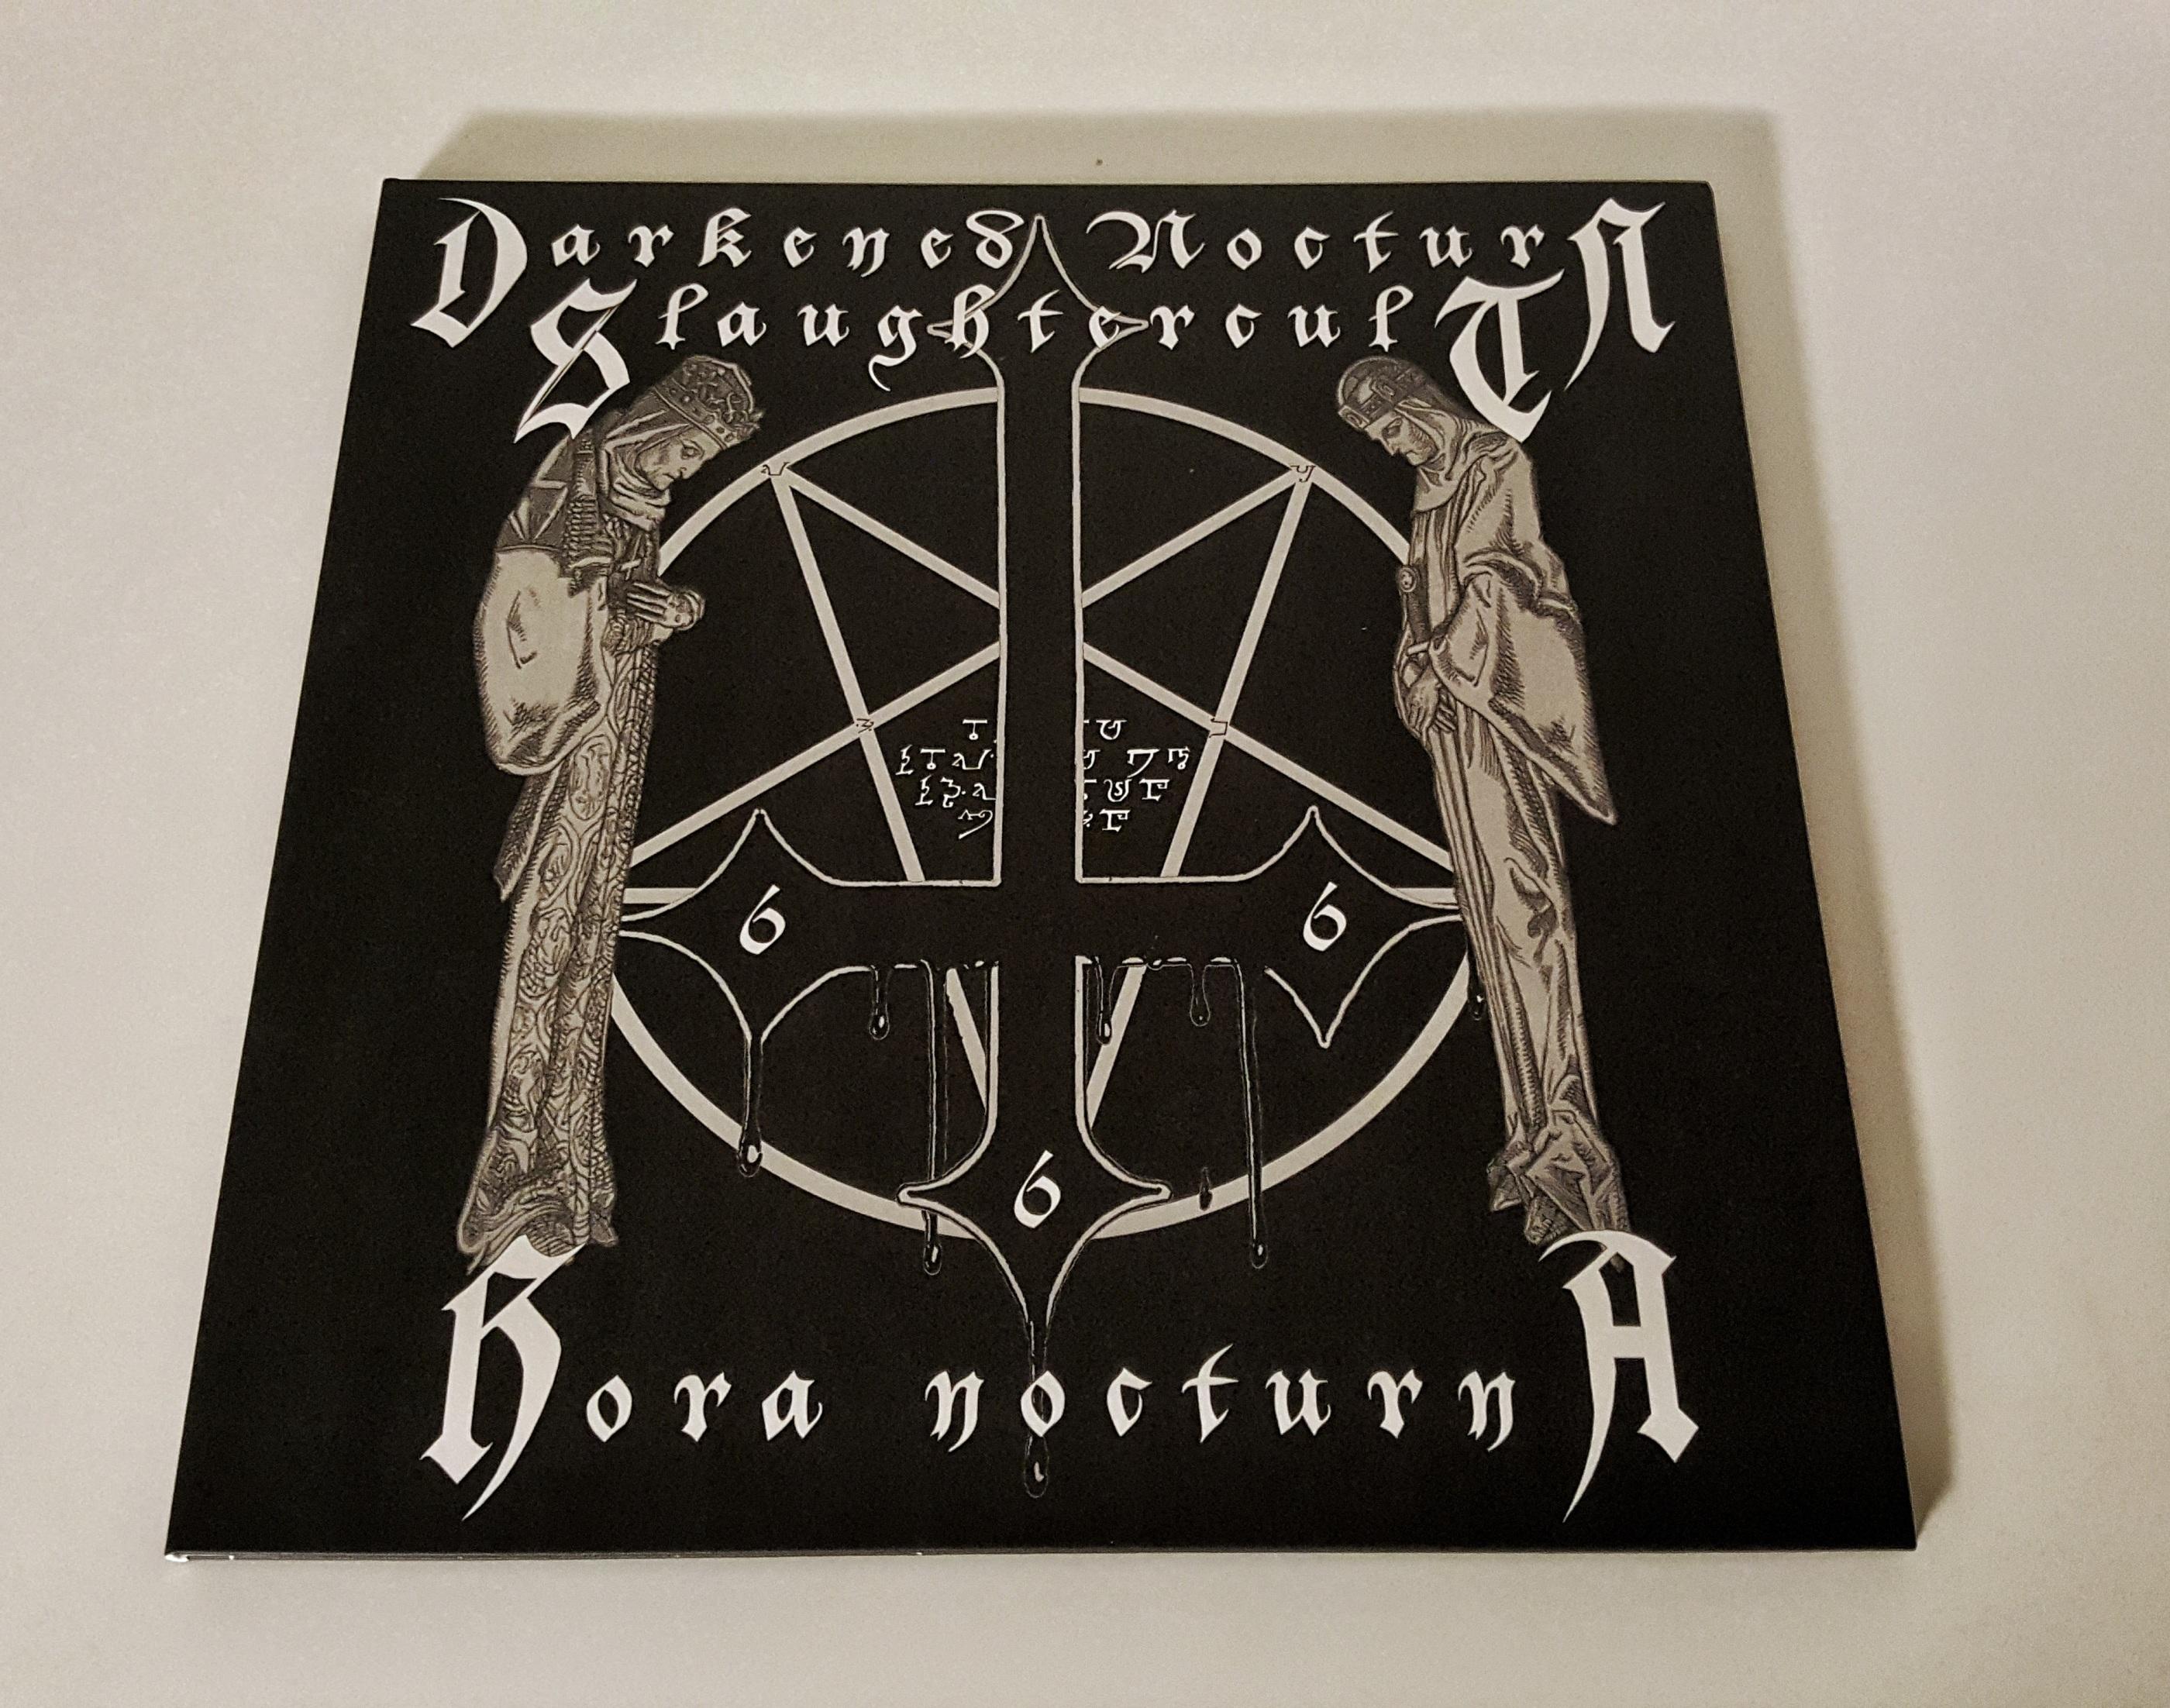 DARKENED NOCTURN SLAUGHTERCULT - Hora Nocturna Gatefold LP